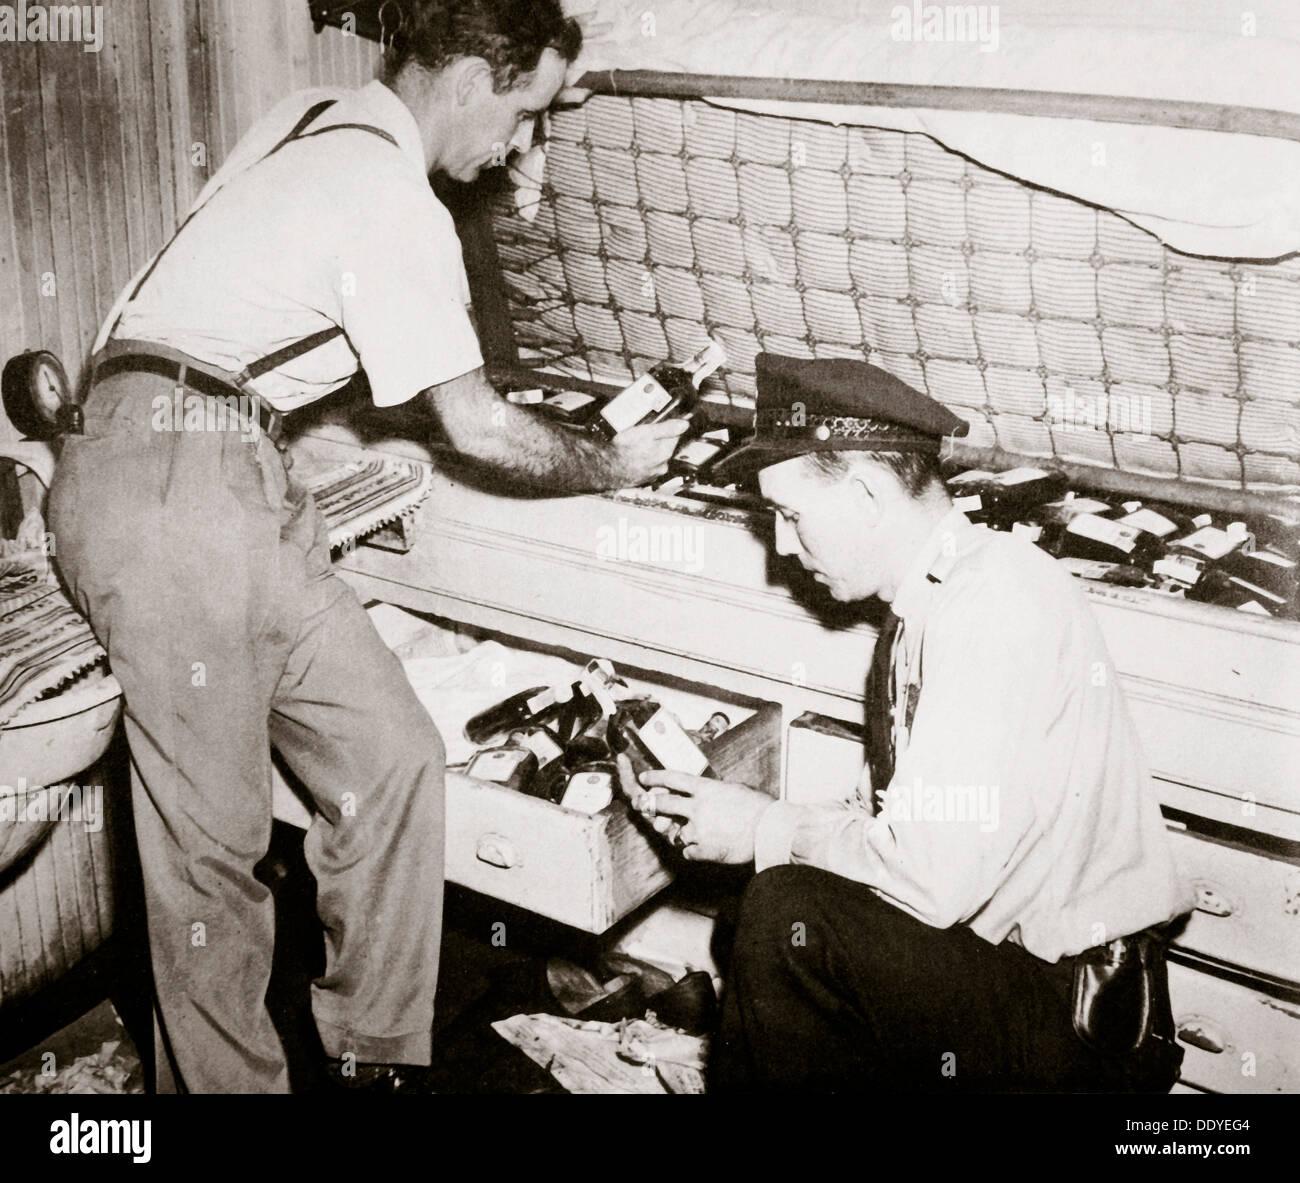 Verbot, Norfolk, Virginia, USA, Durchsetzung der 1920er Jahre. Künstler: unbekannt Stockbild